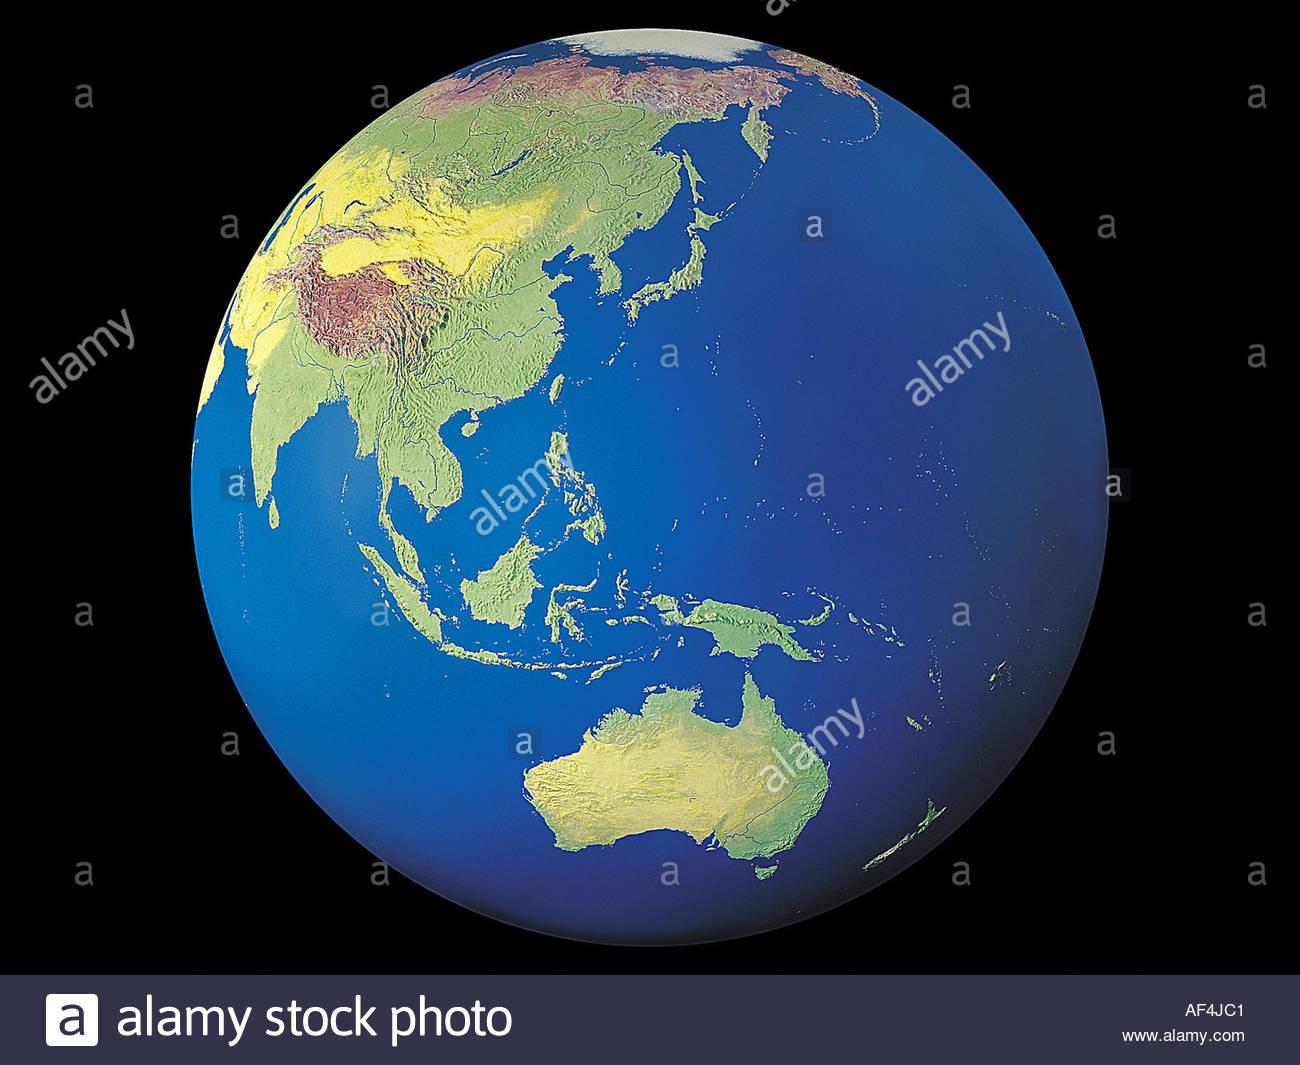 Carte Australie Chine.Globe Globe Terrestre Carte Asie Australie Chine Indochine Banque D